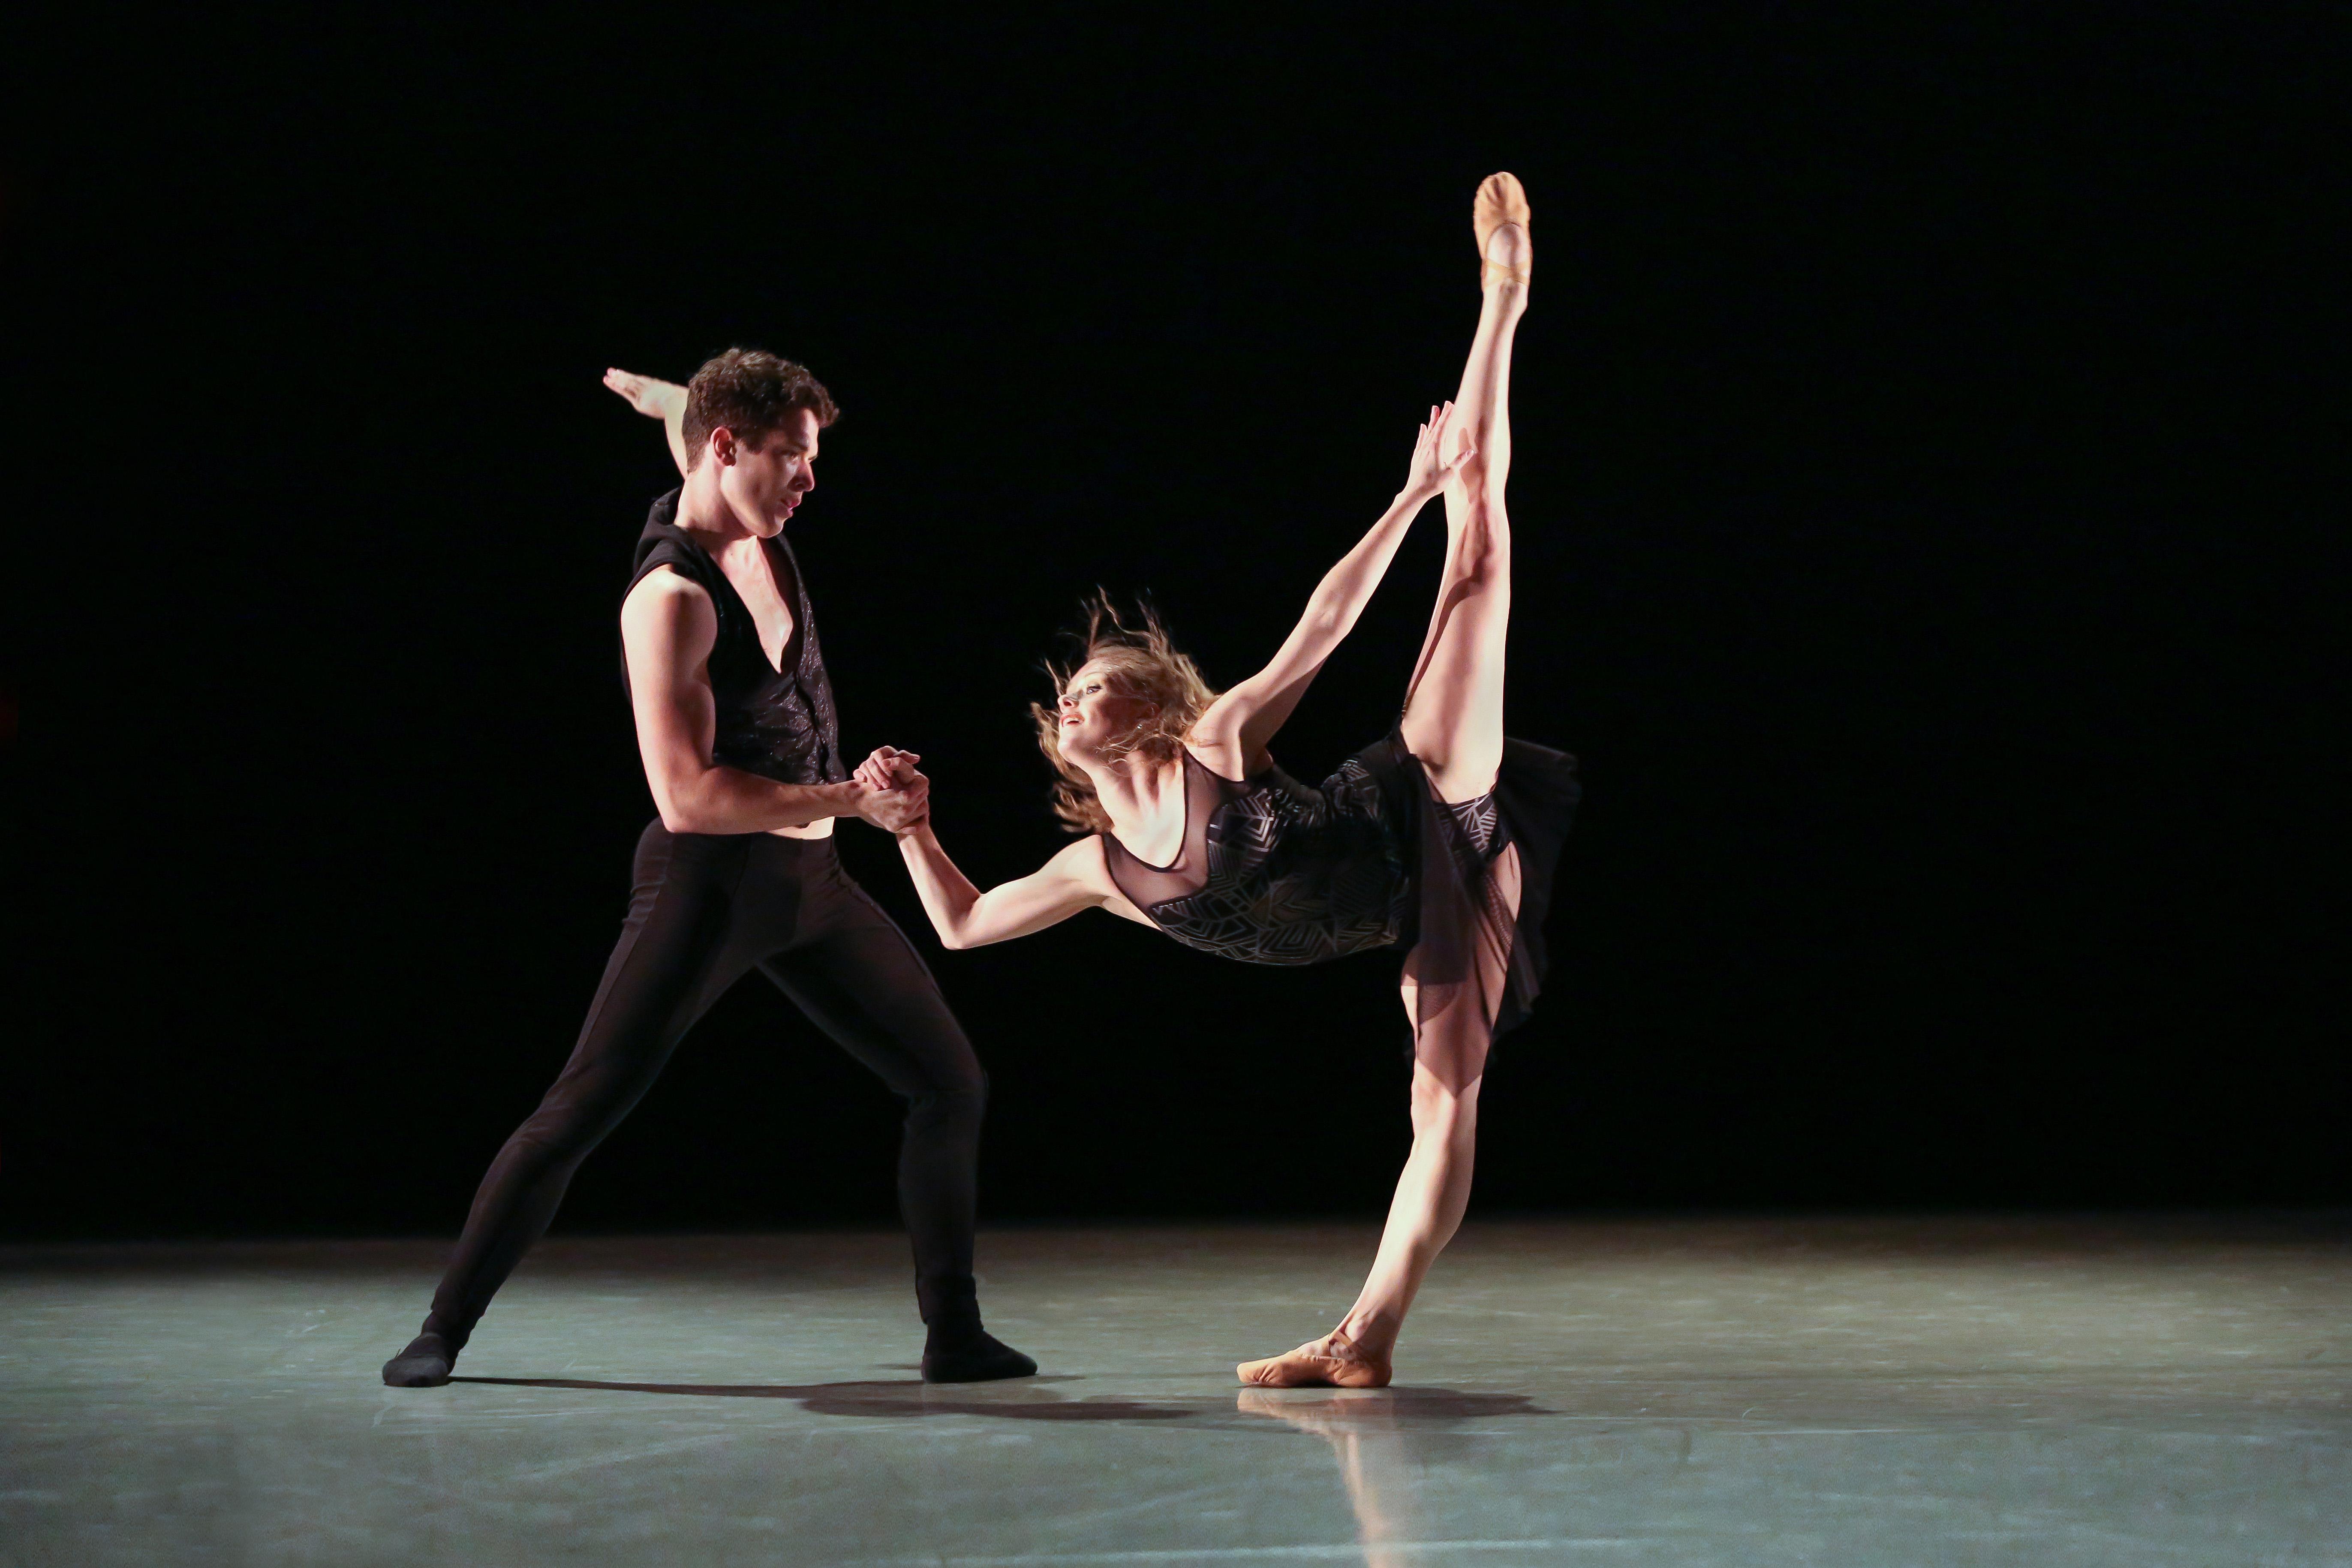 charlotte-ballet_innovative-works_sasha-janes_hallelujah-1_photo-by-jeff-cravotta